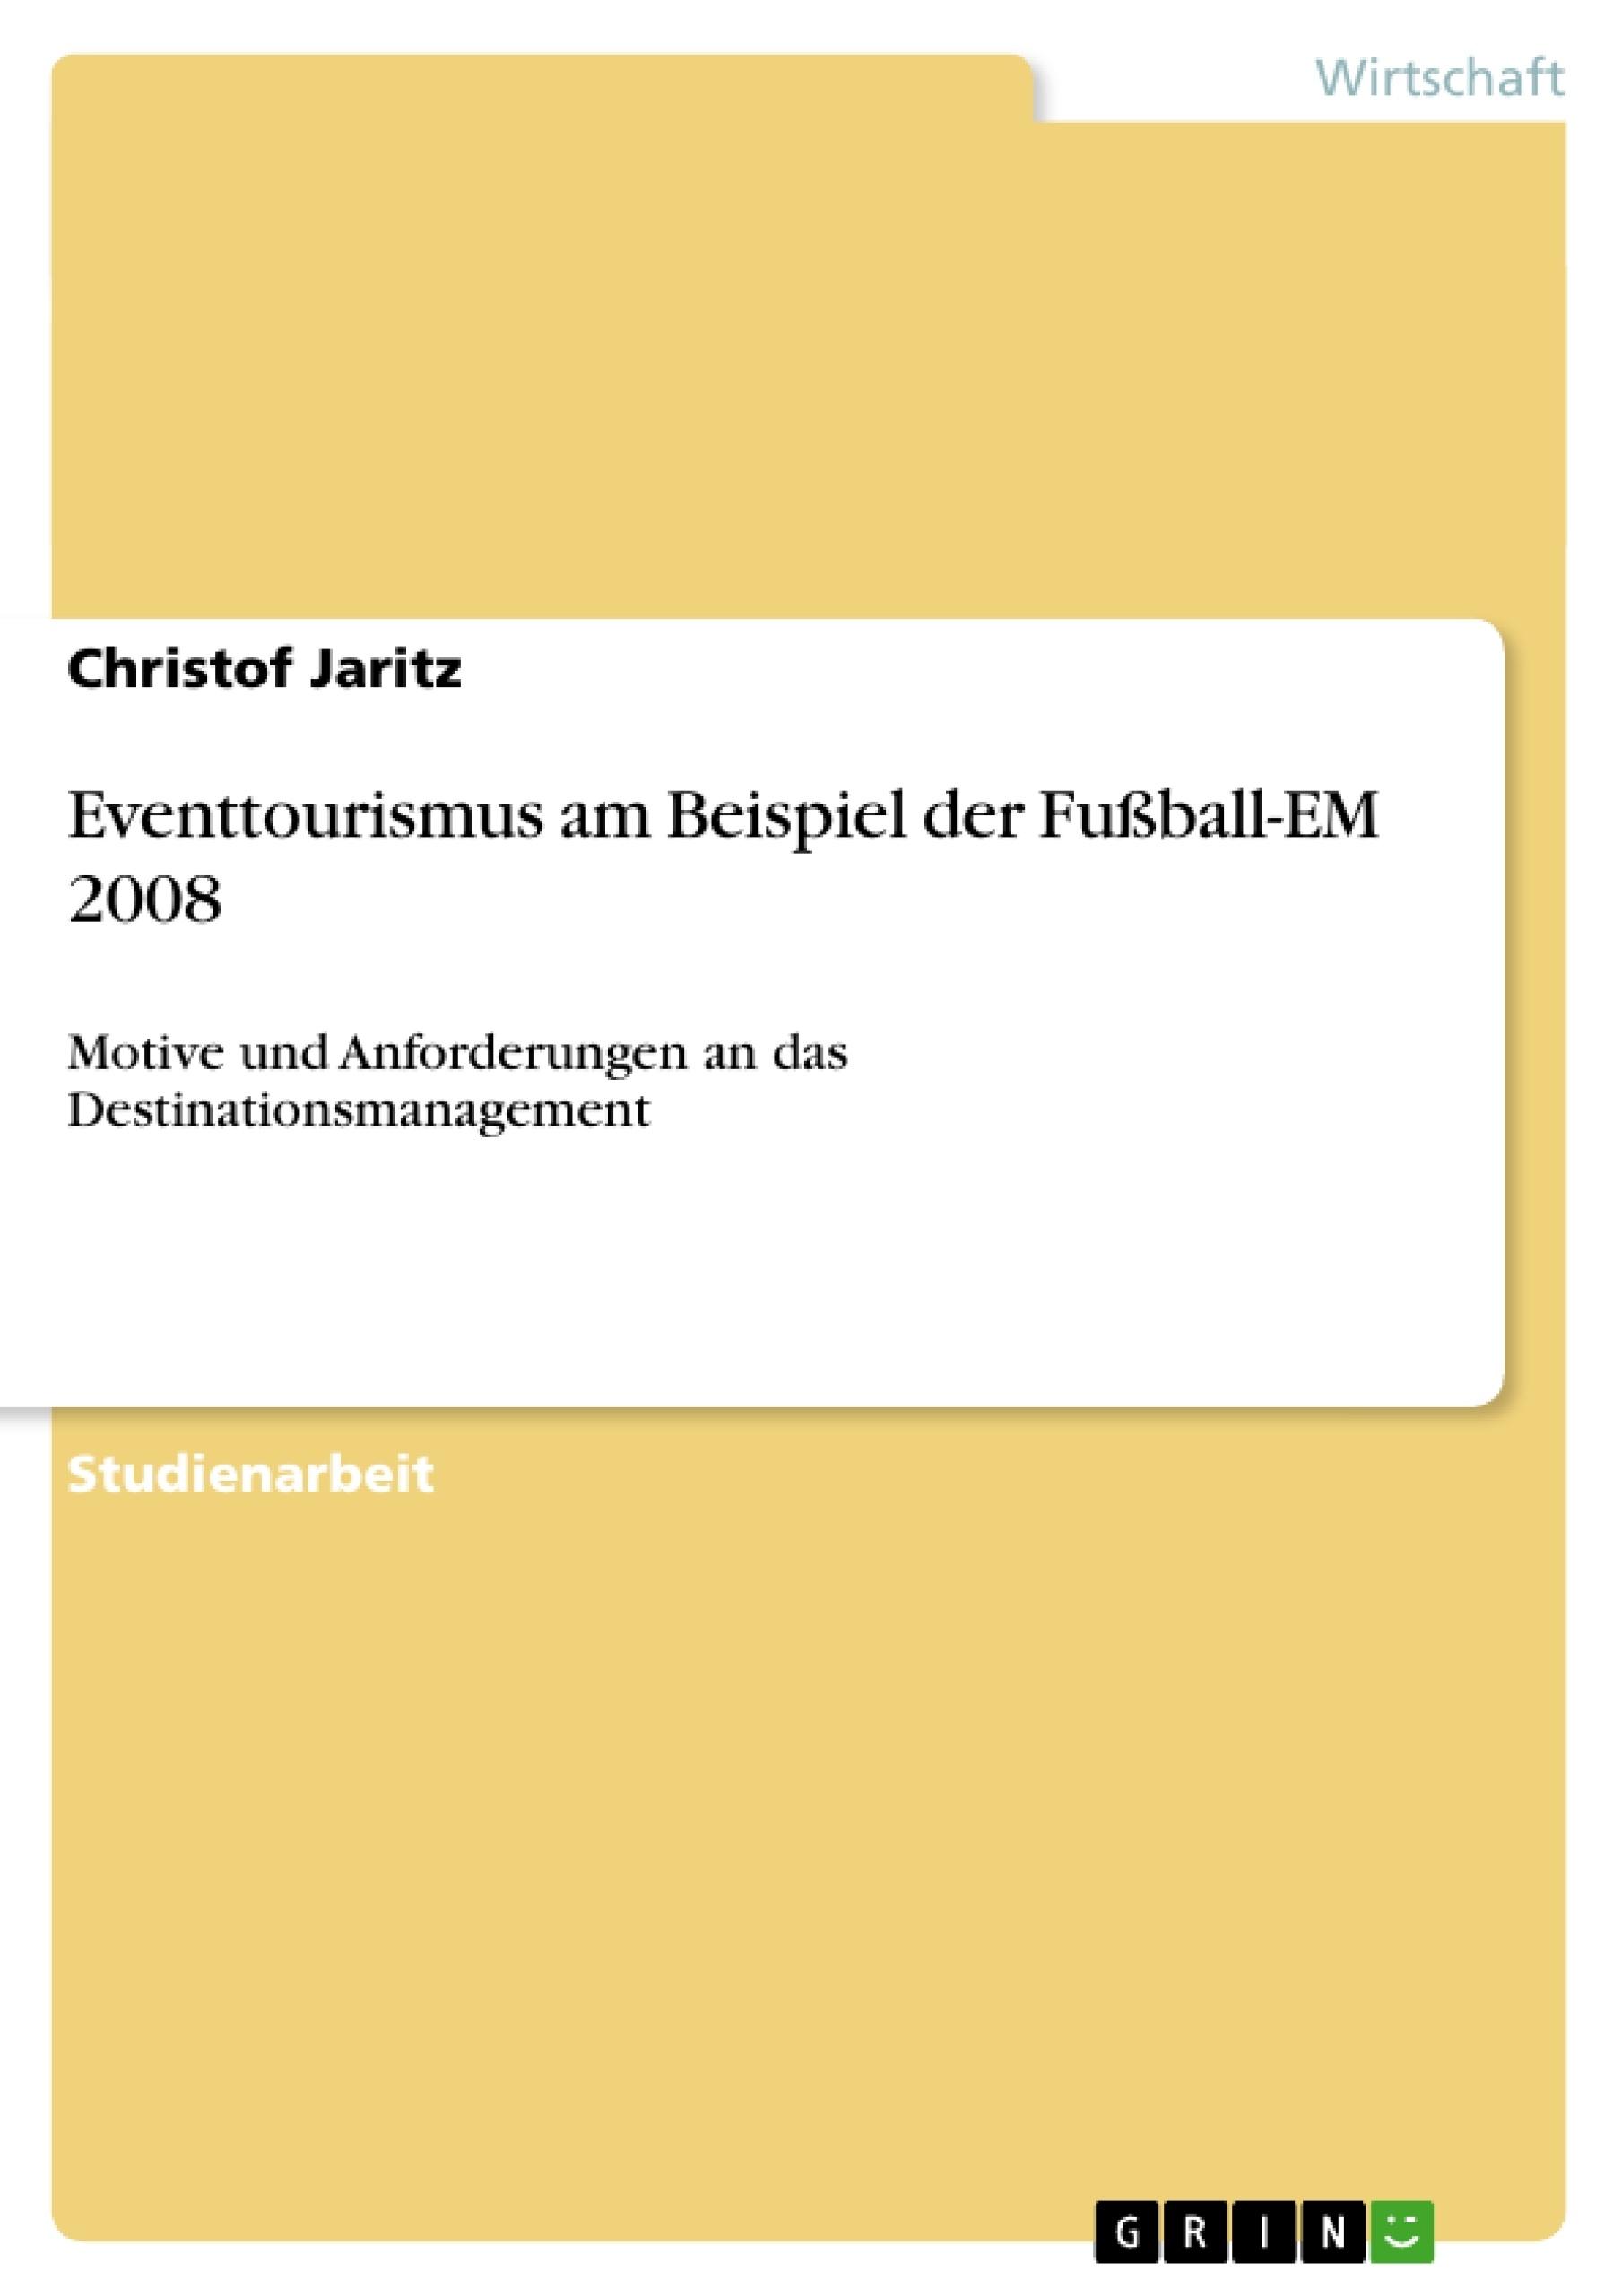 Titel: Eventtourismus am Beispiel der Fußball-EM 2008